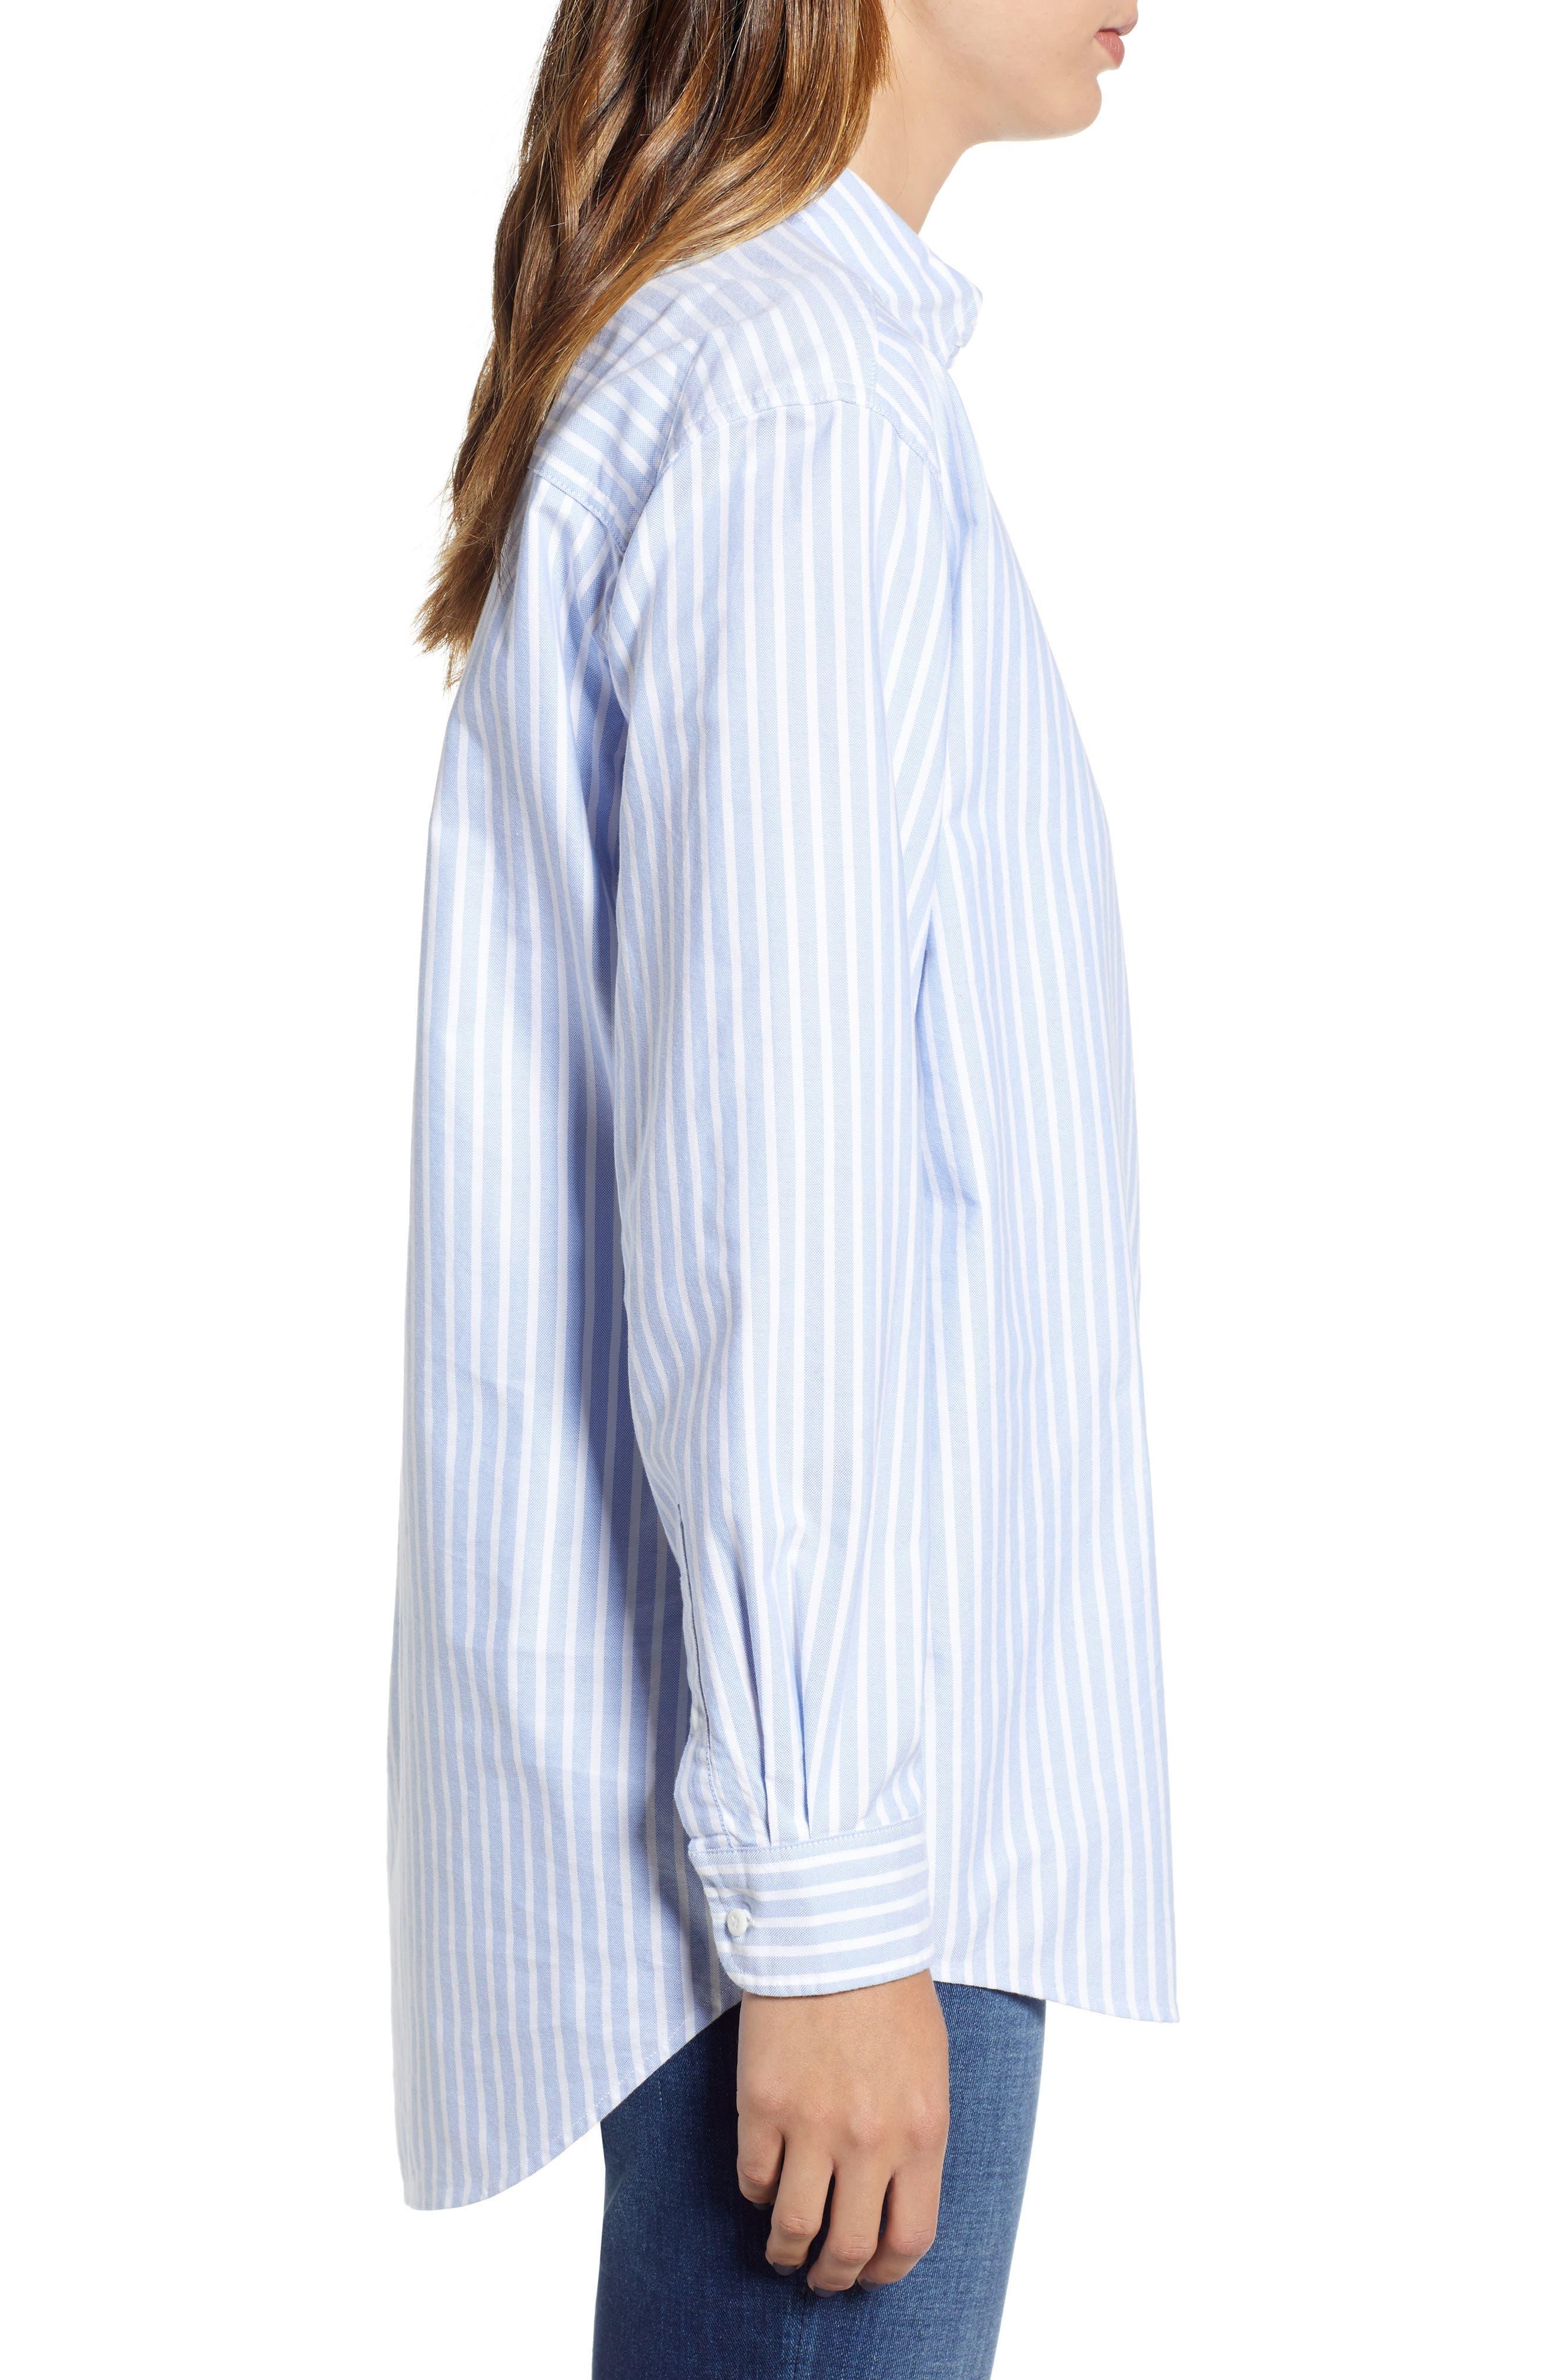 Classics Stripe Shirt,                             Alternate thumbnail 4, color,                             Light Blue / Bright White